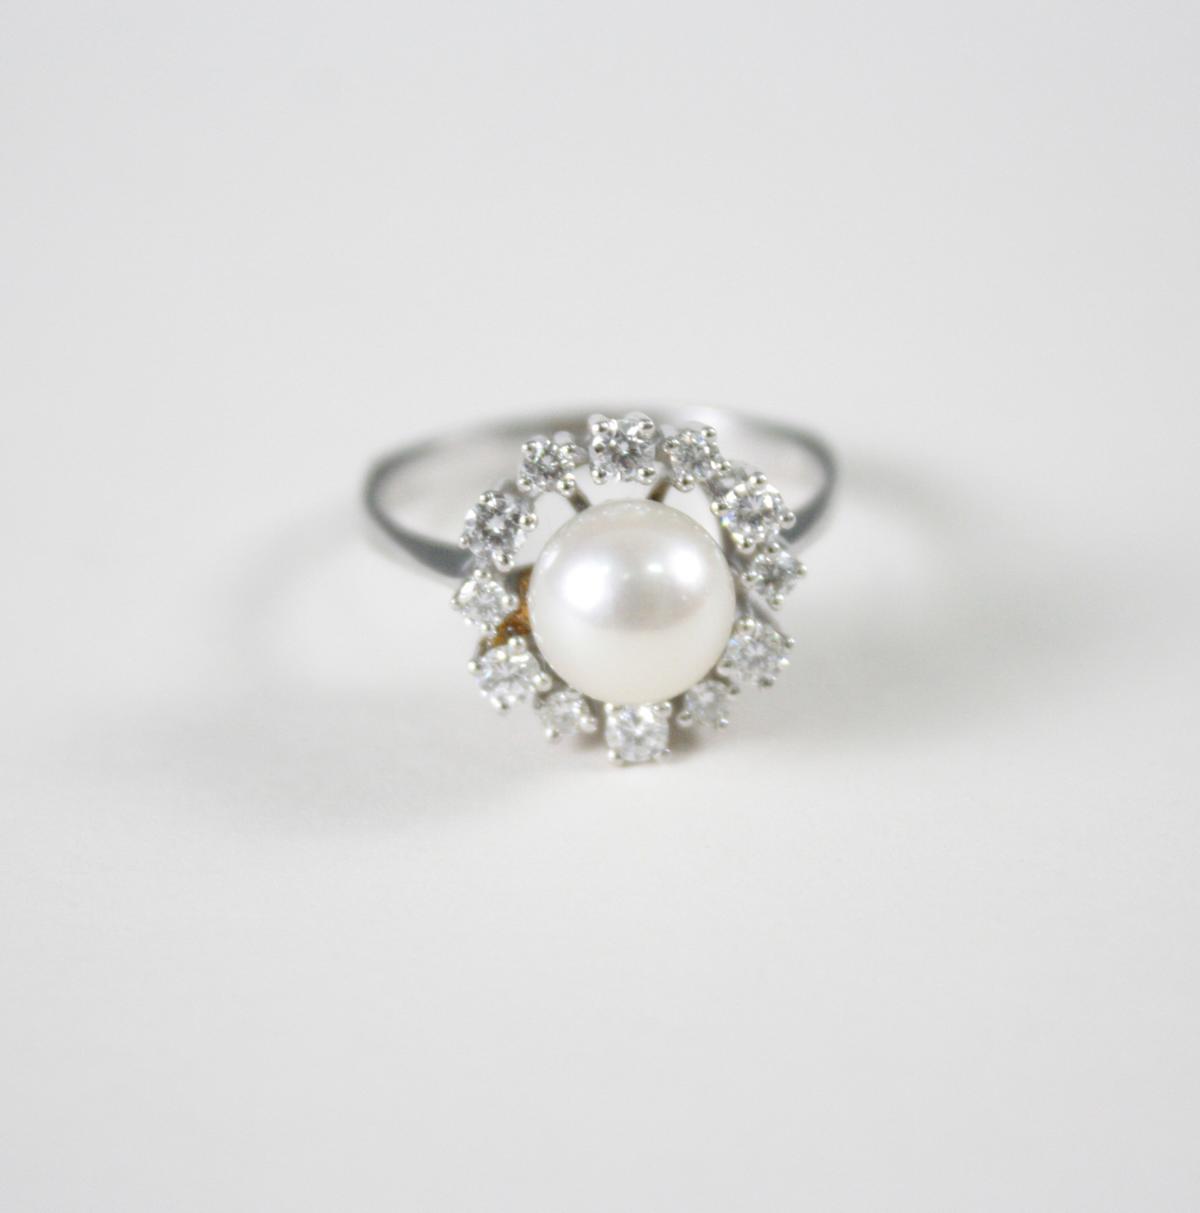 Damenring mit Perle und Diamanten, 14 Karat Weißgold